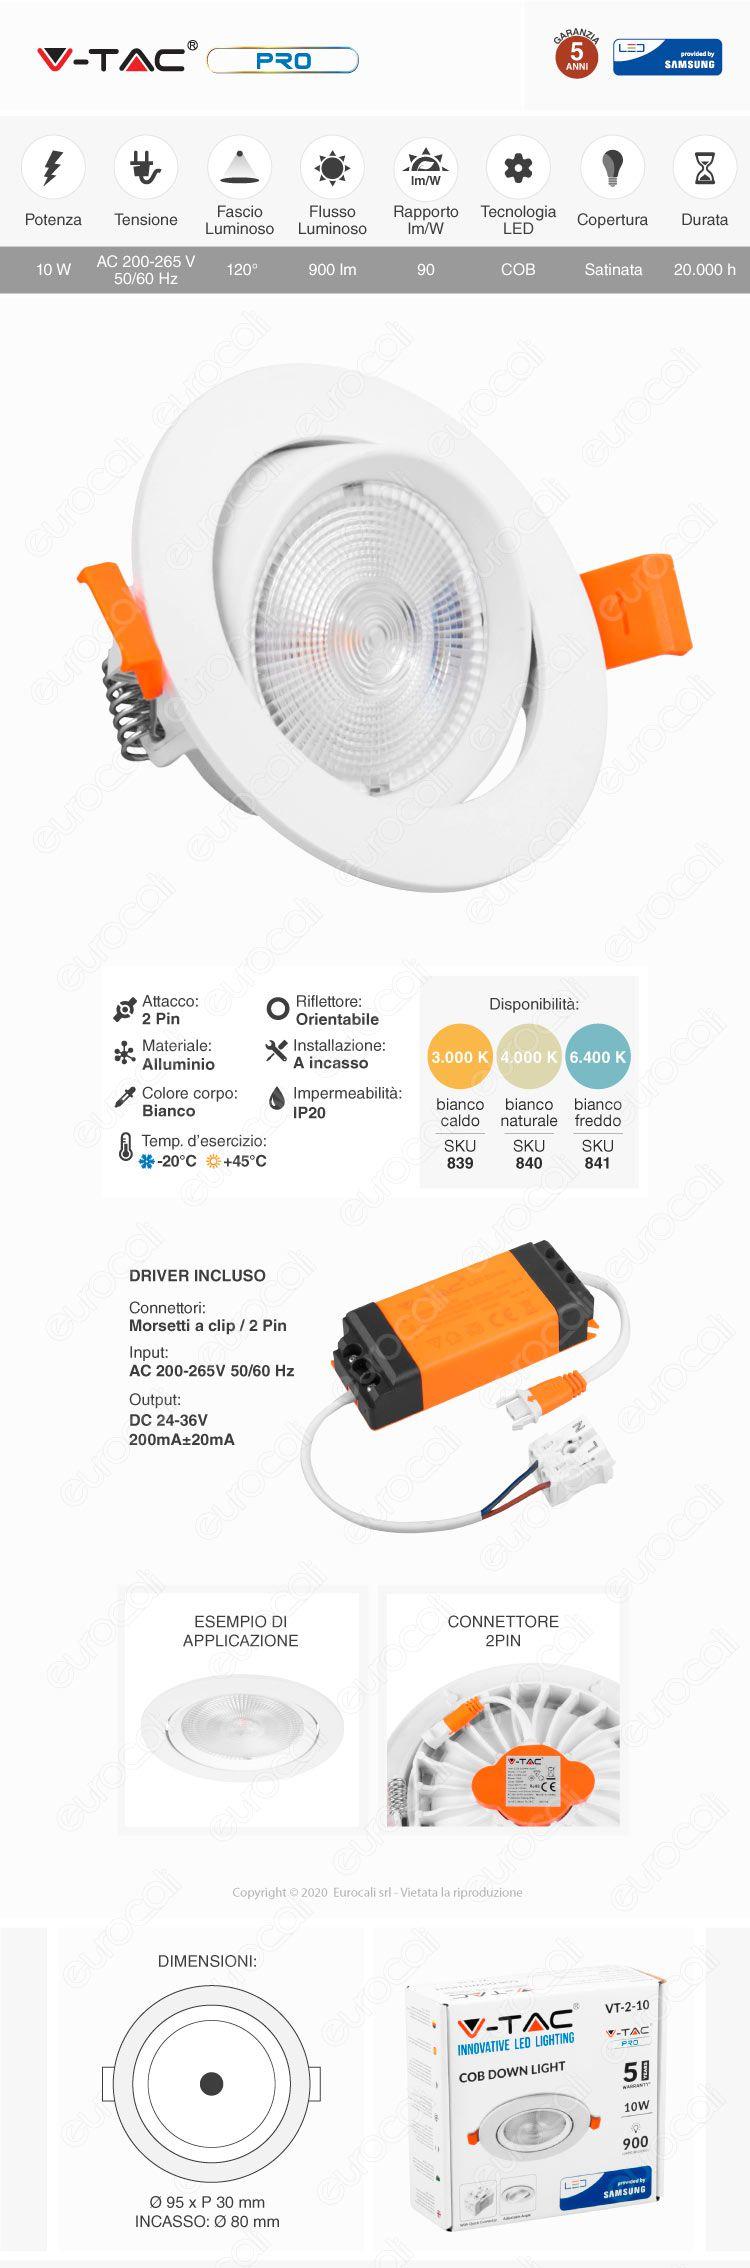 V-Tac PRO VT-2-10 Faretto LED da Incasso Rotondo 10W COB Chip Samsung